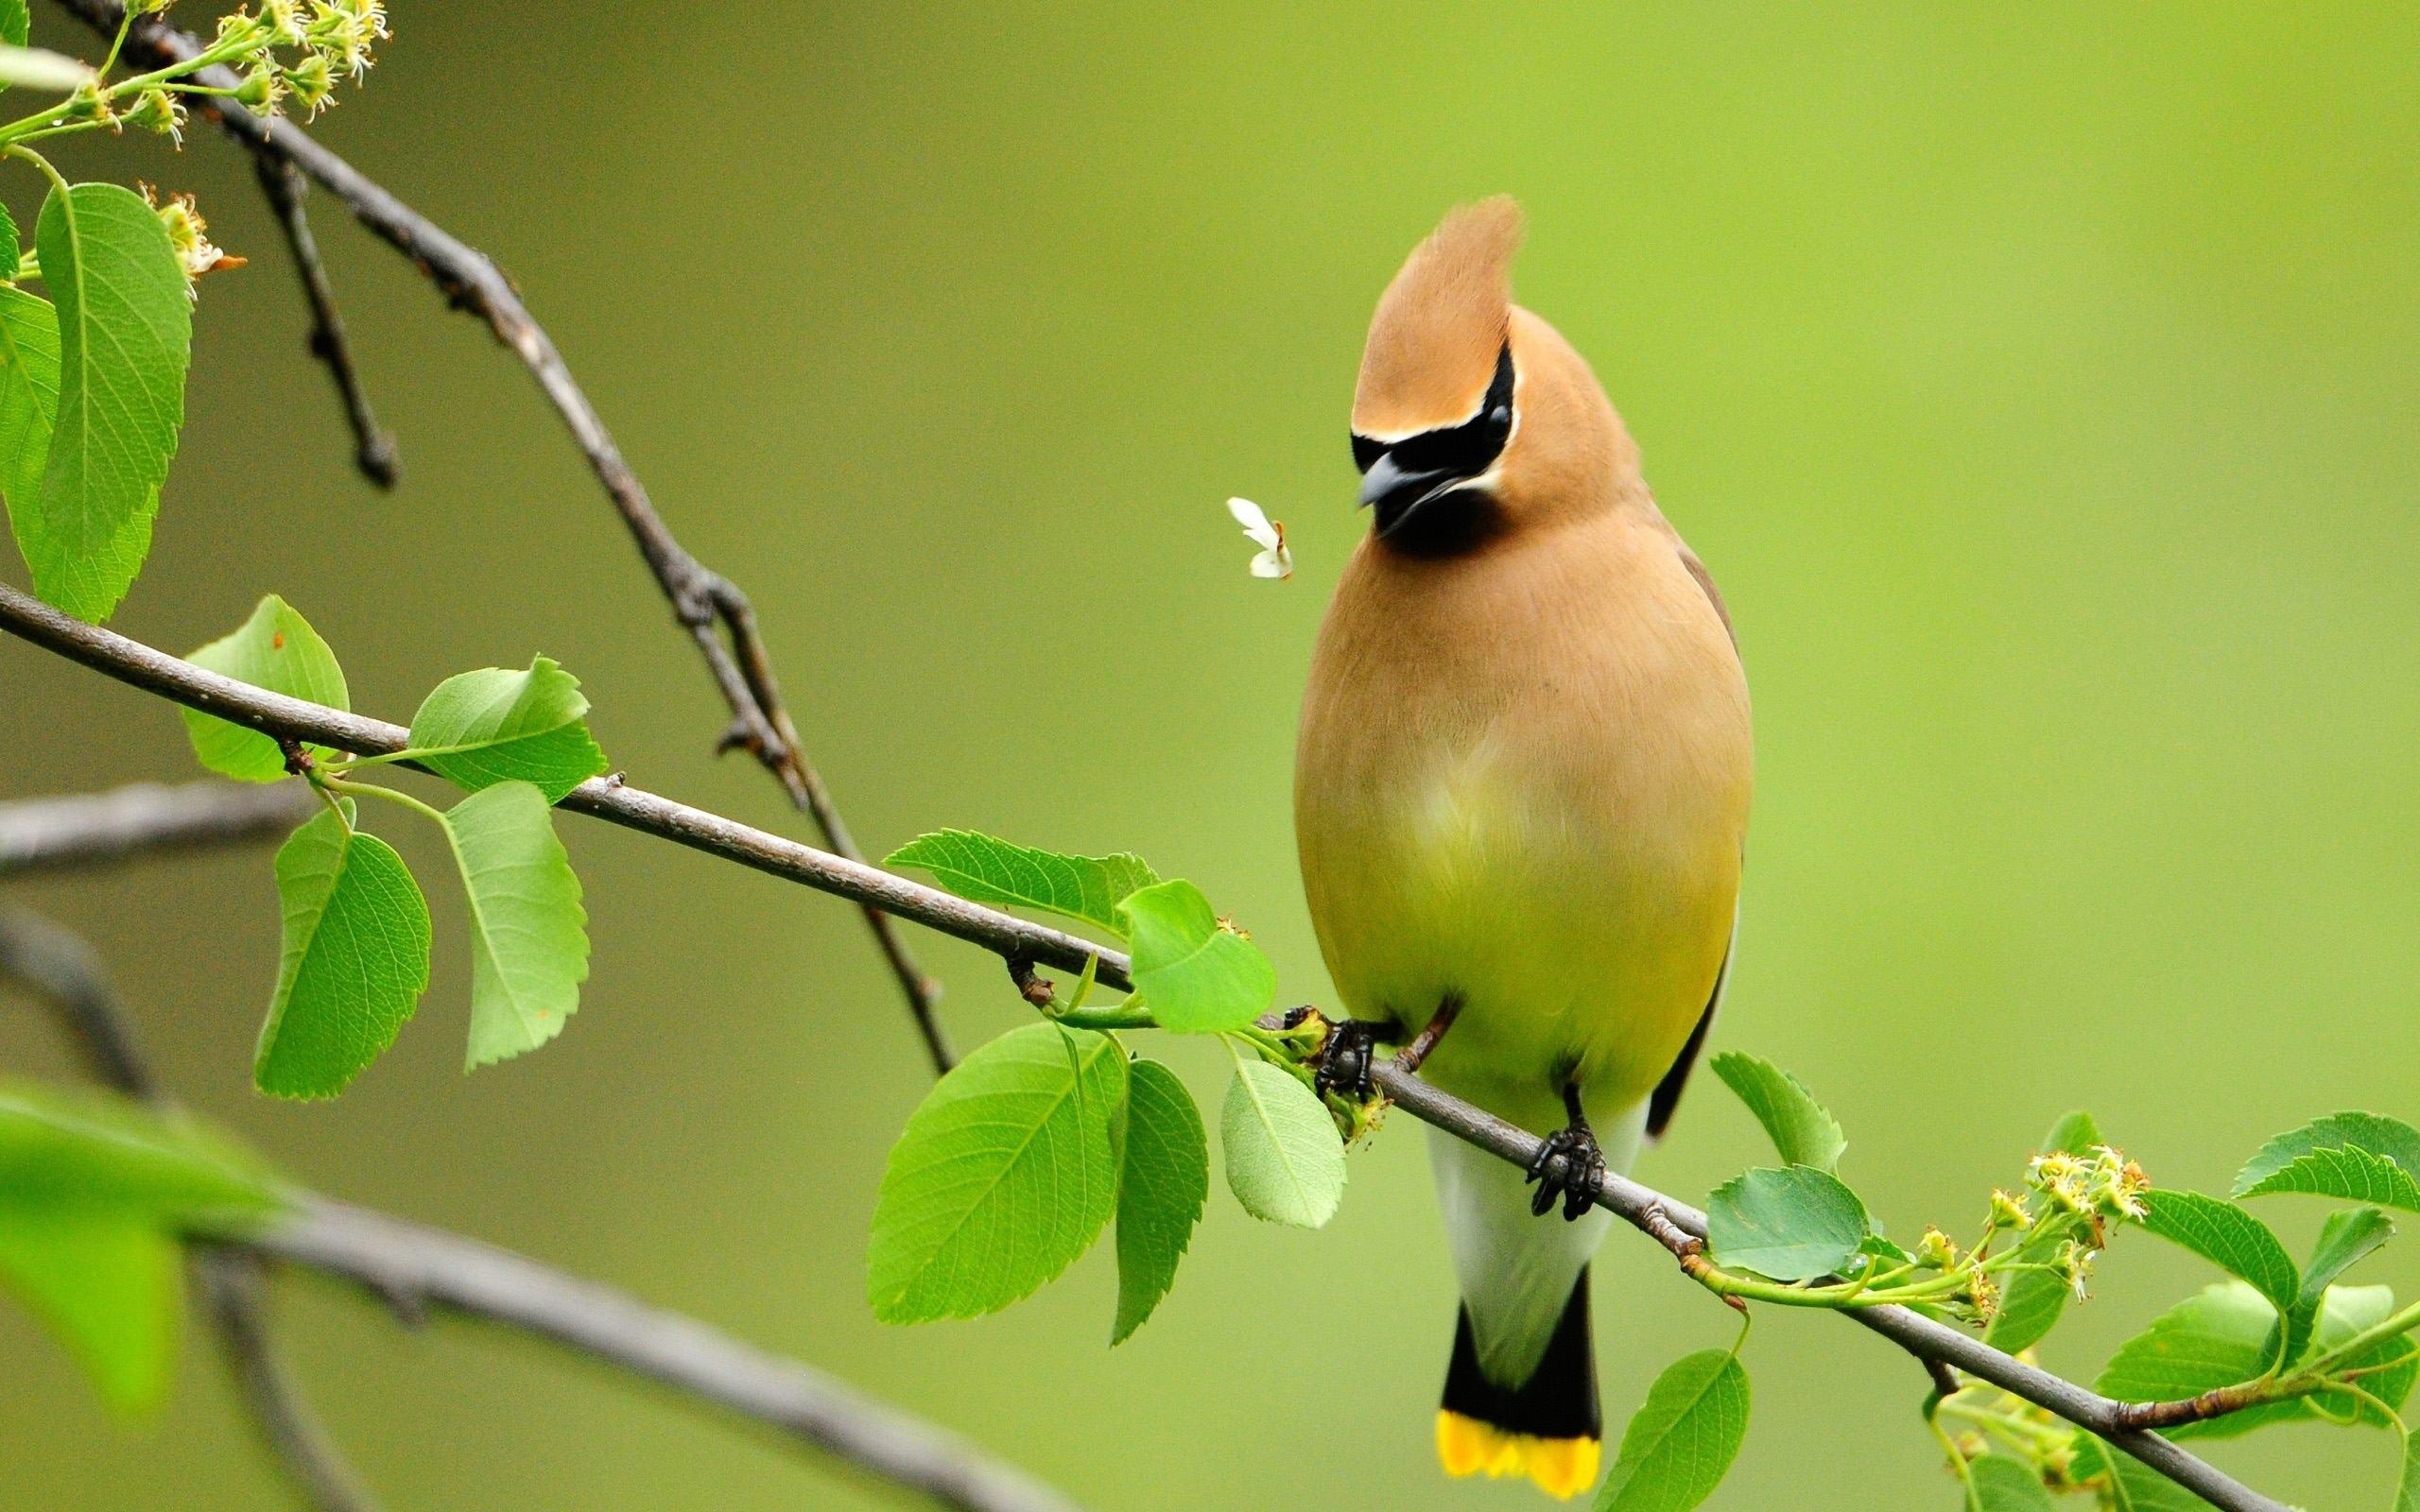 بالصور صور طيور , اجمل صور للطيور 394 13